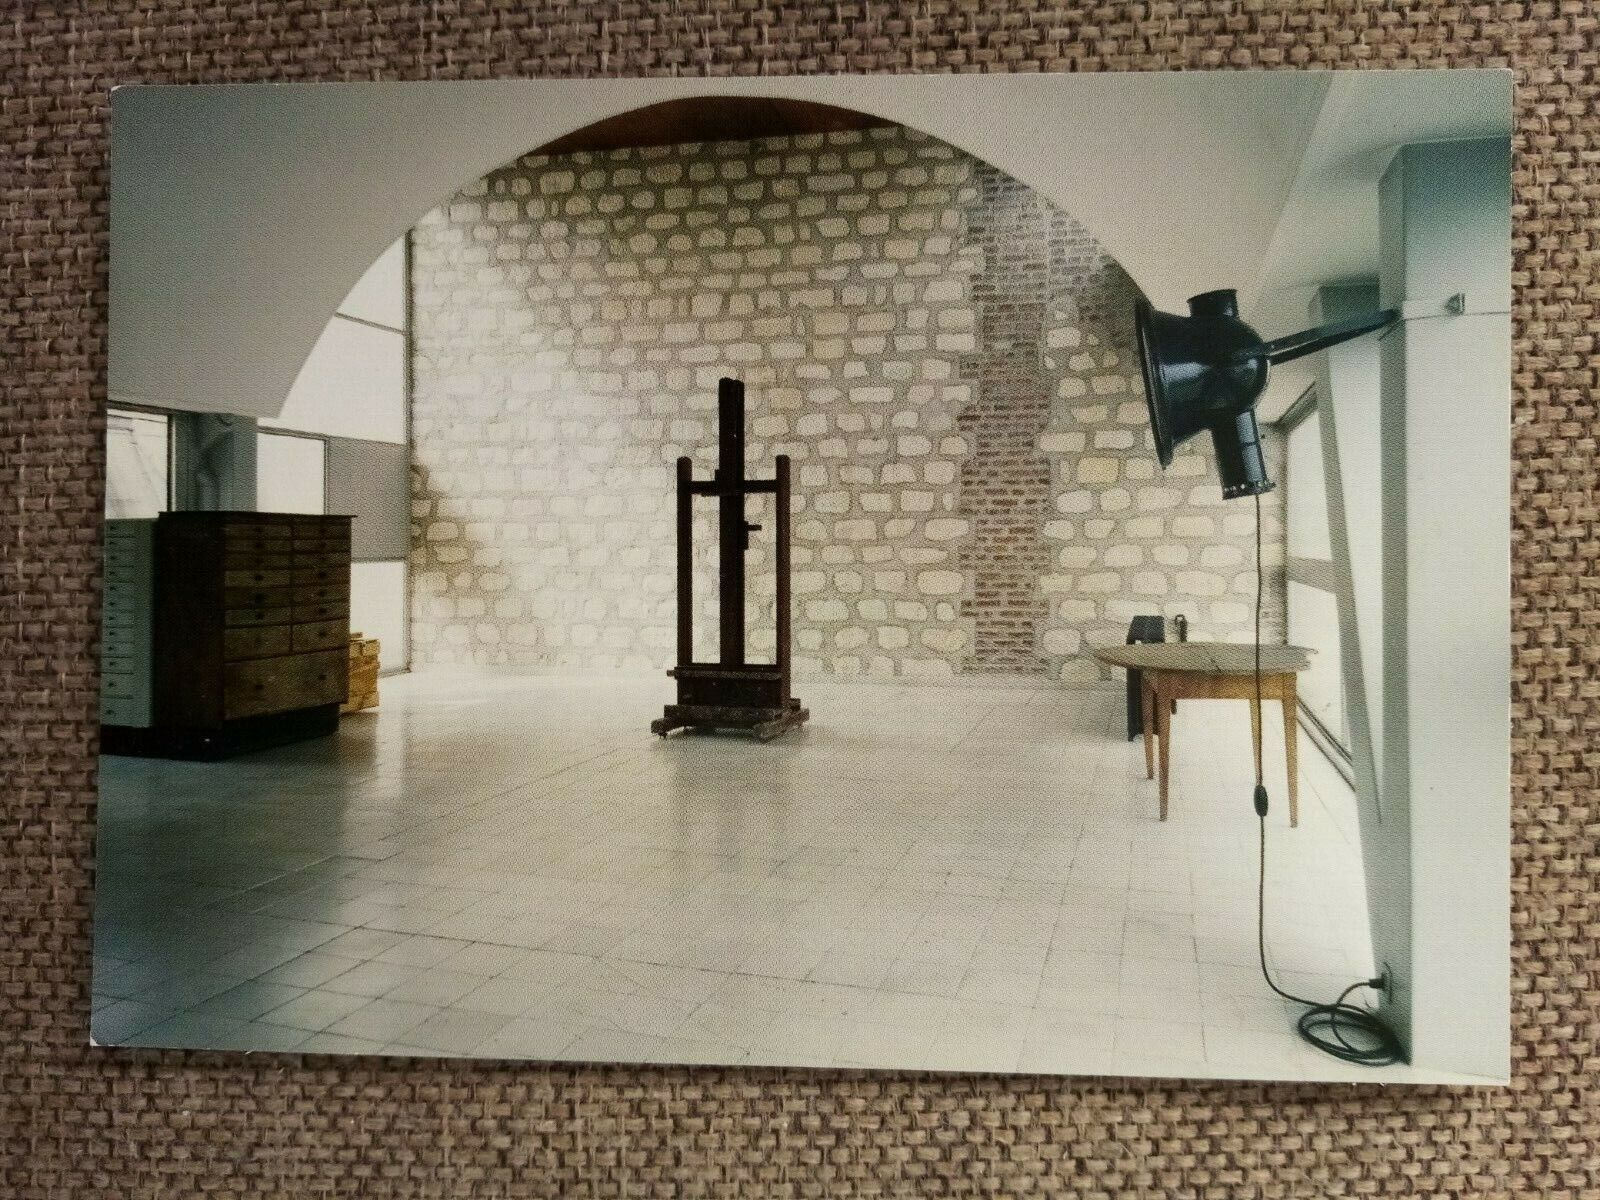 Cpsm cpm paris immeuble molitor appartement atelier le corbusier